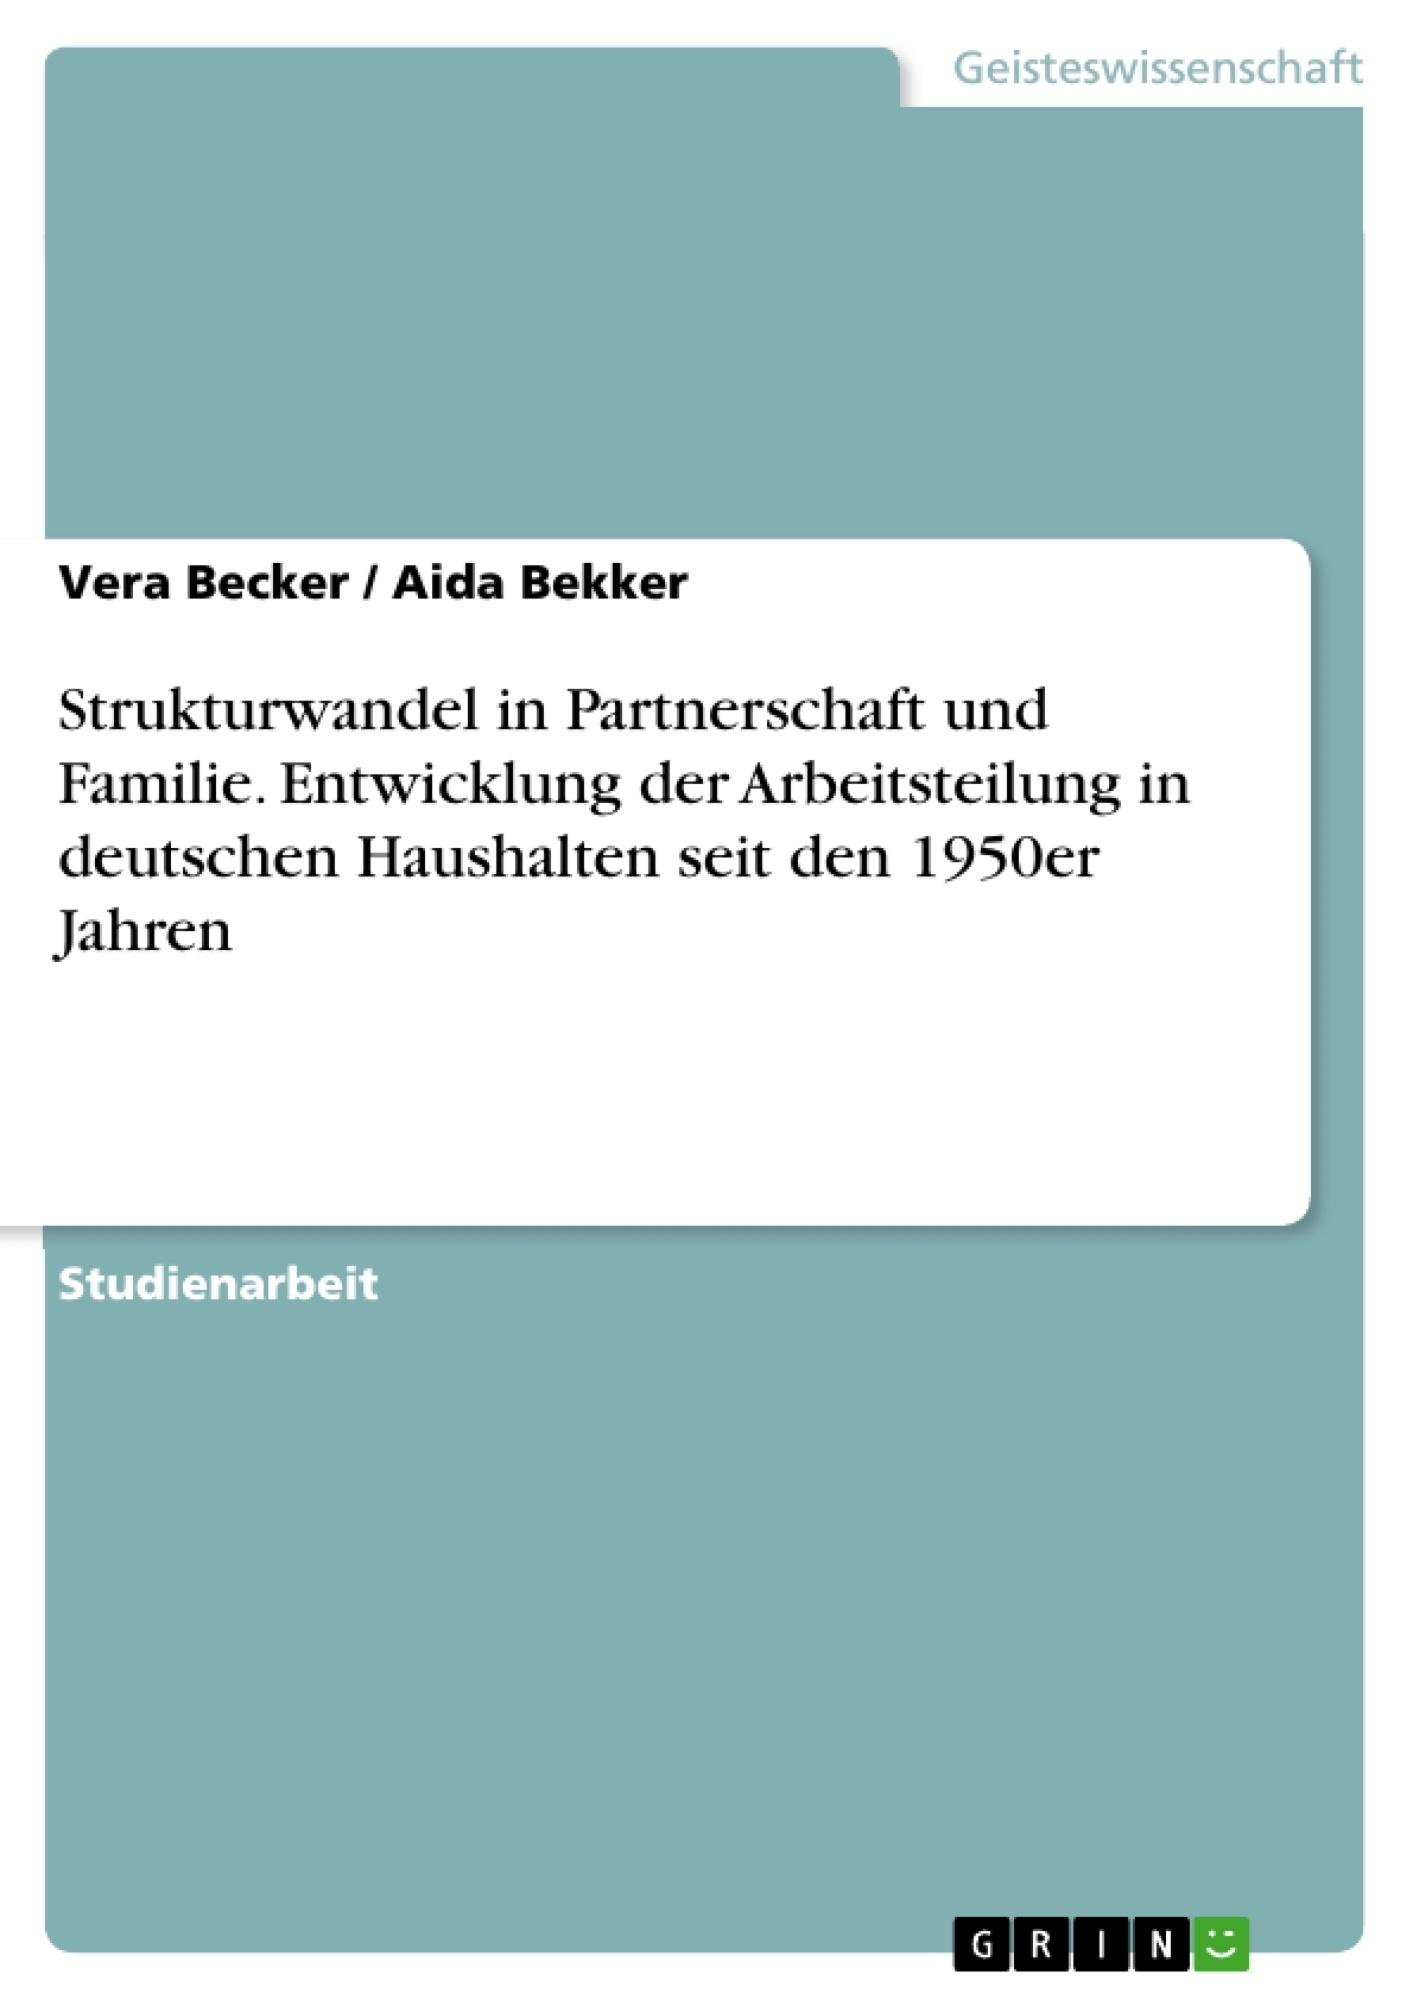 Titel: Strukturwandel in Partnerschaft und Familie. Entwicklung der Arbeitsteilung in deutschen Haushalten seit den 1950er Jahren